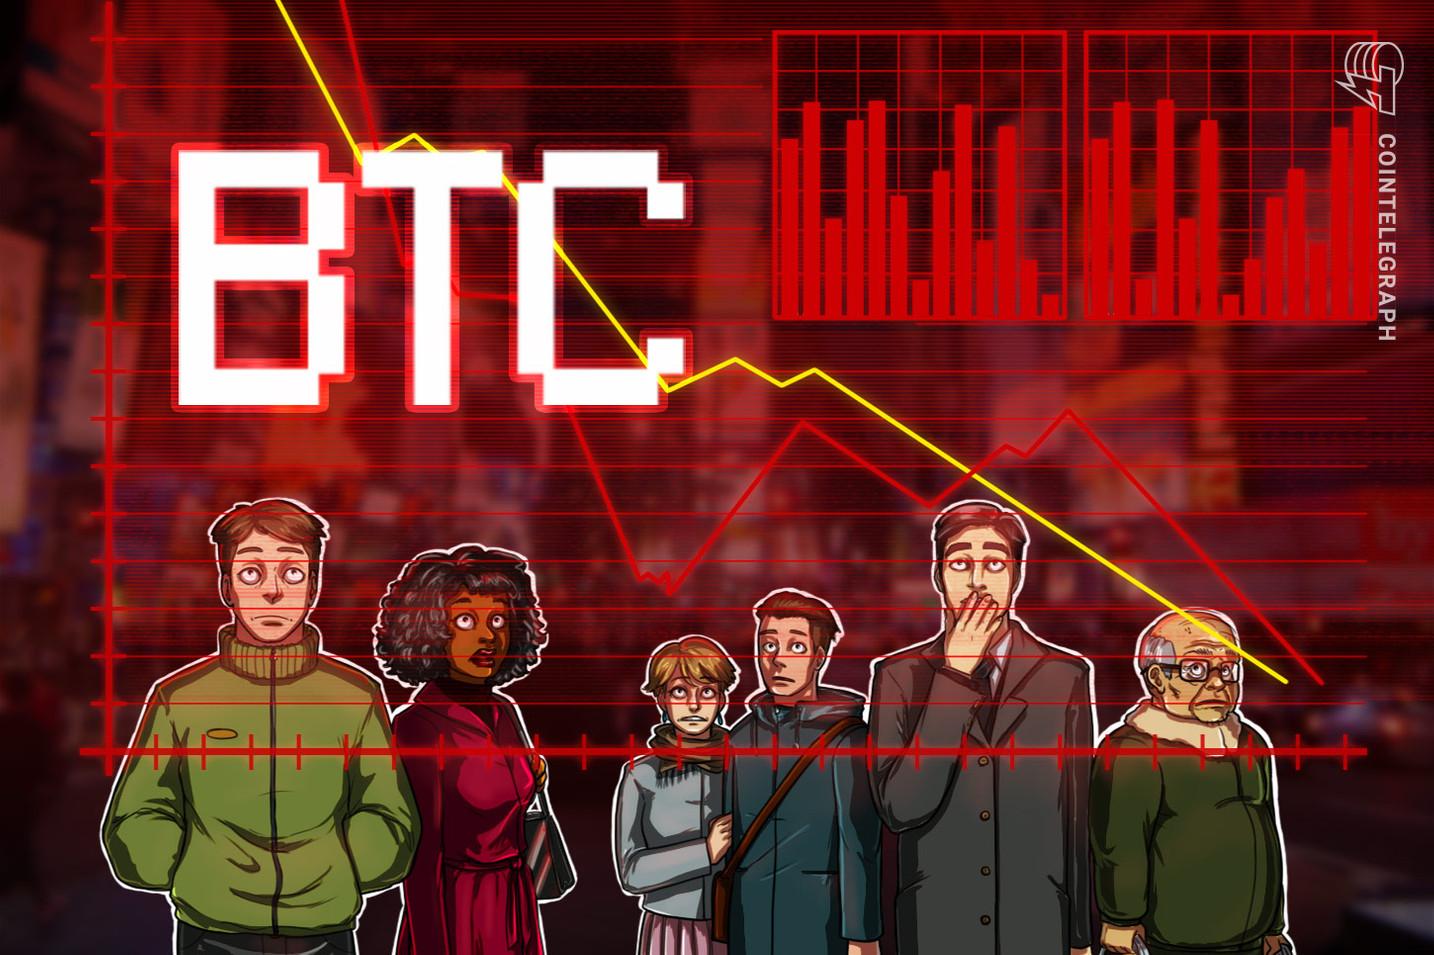 Bitcoin fiyatı neden 35.000 doları aşamadı? İşte 5 neden!